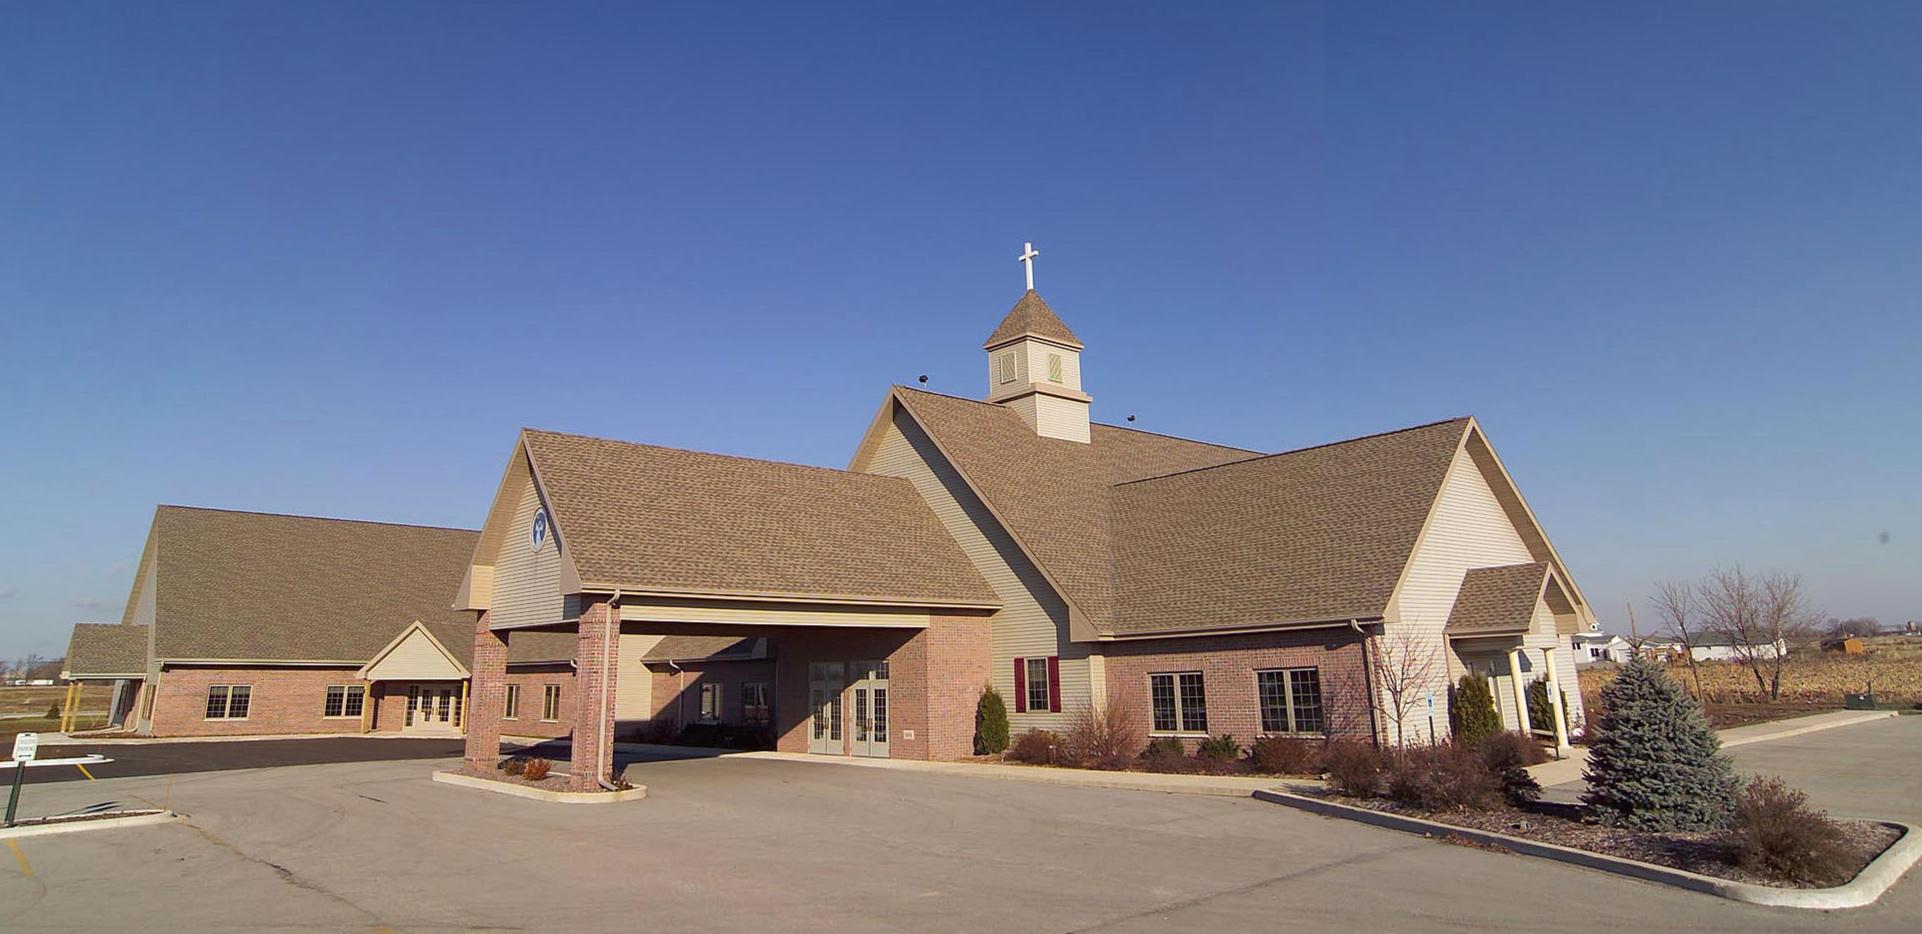 MESSIAH LUTHERAN CHURCH - GREEN BAY, WISCONSIN